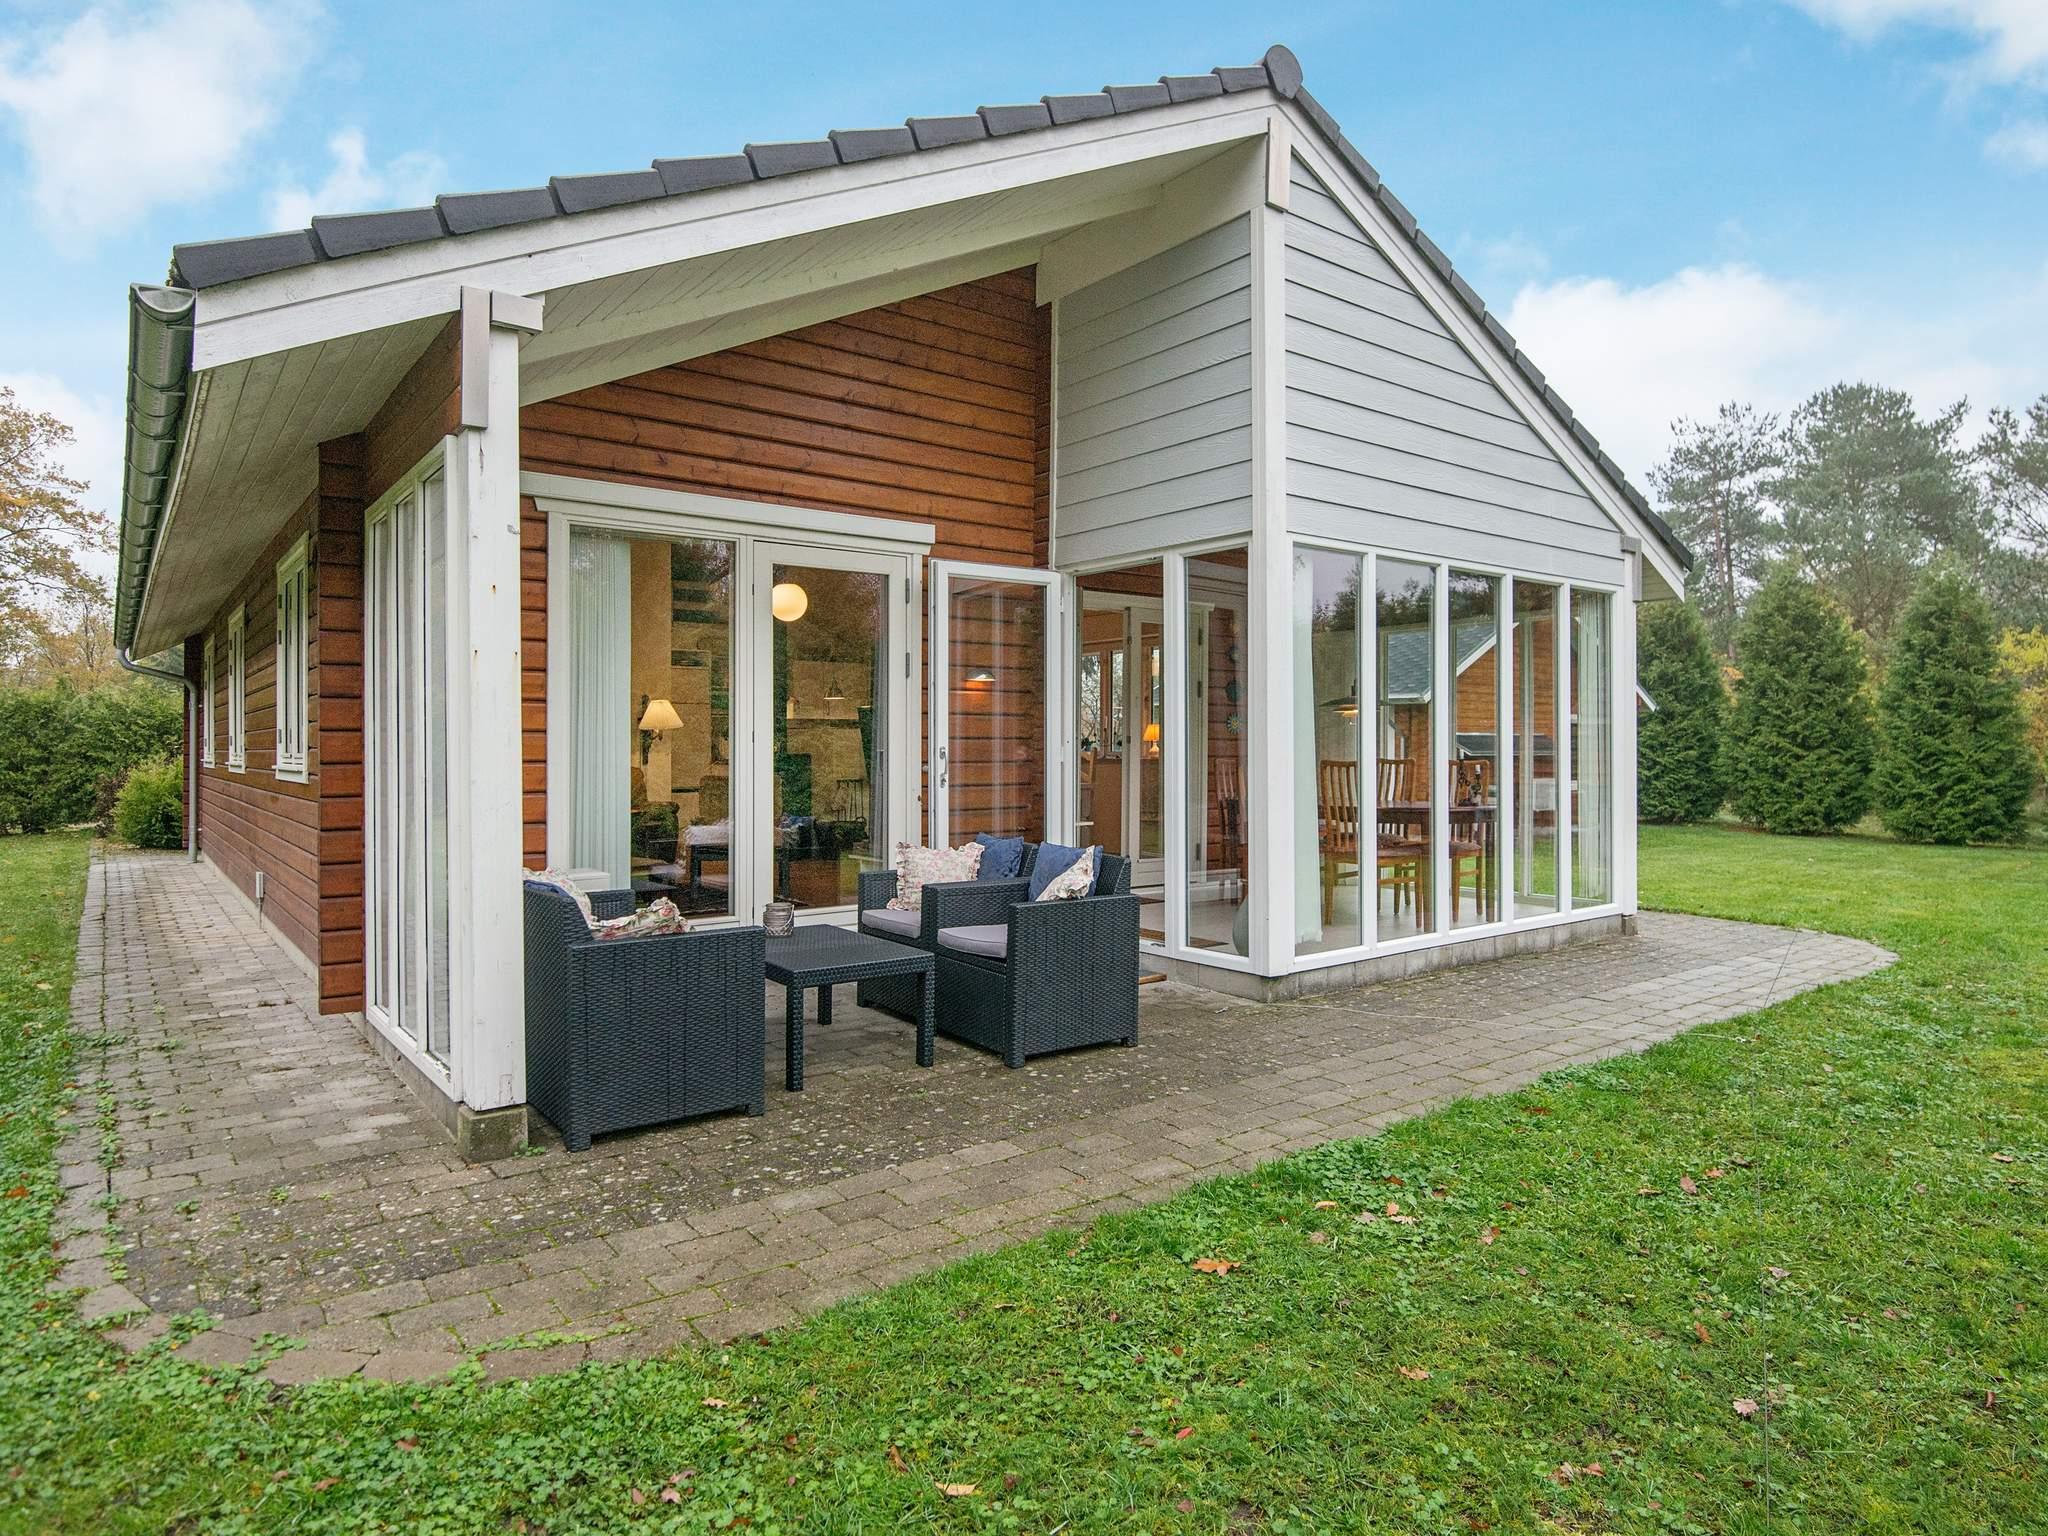 Ferienhaus Silkeborg (2523712), Silkeborg, , Ostjütland, Dänemark, Bild 14